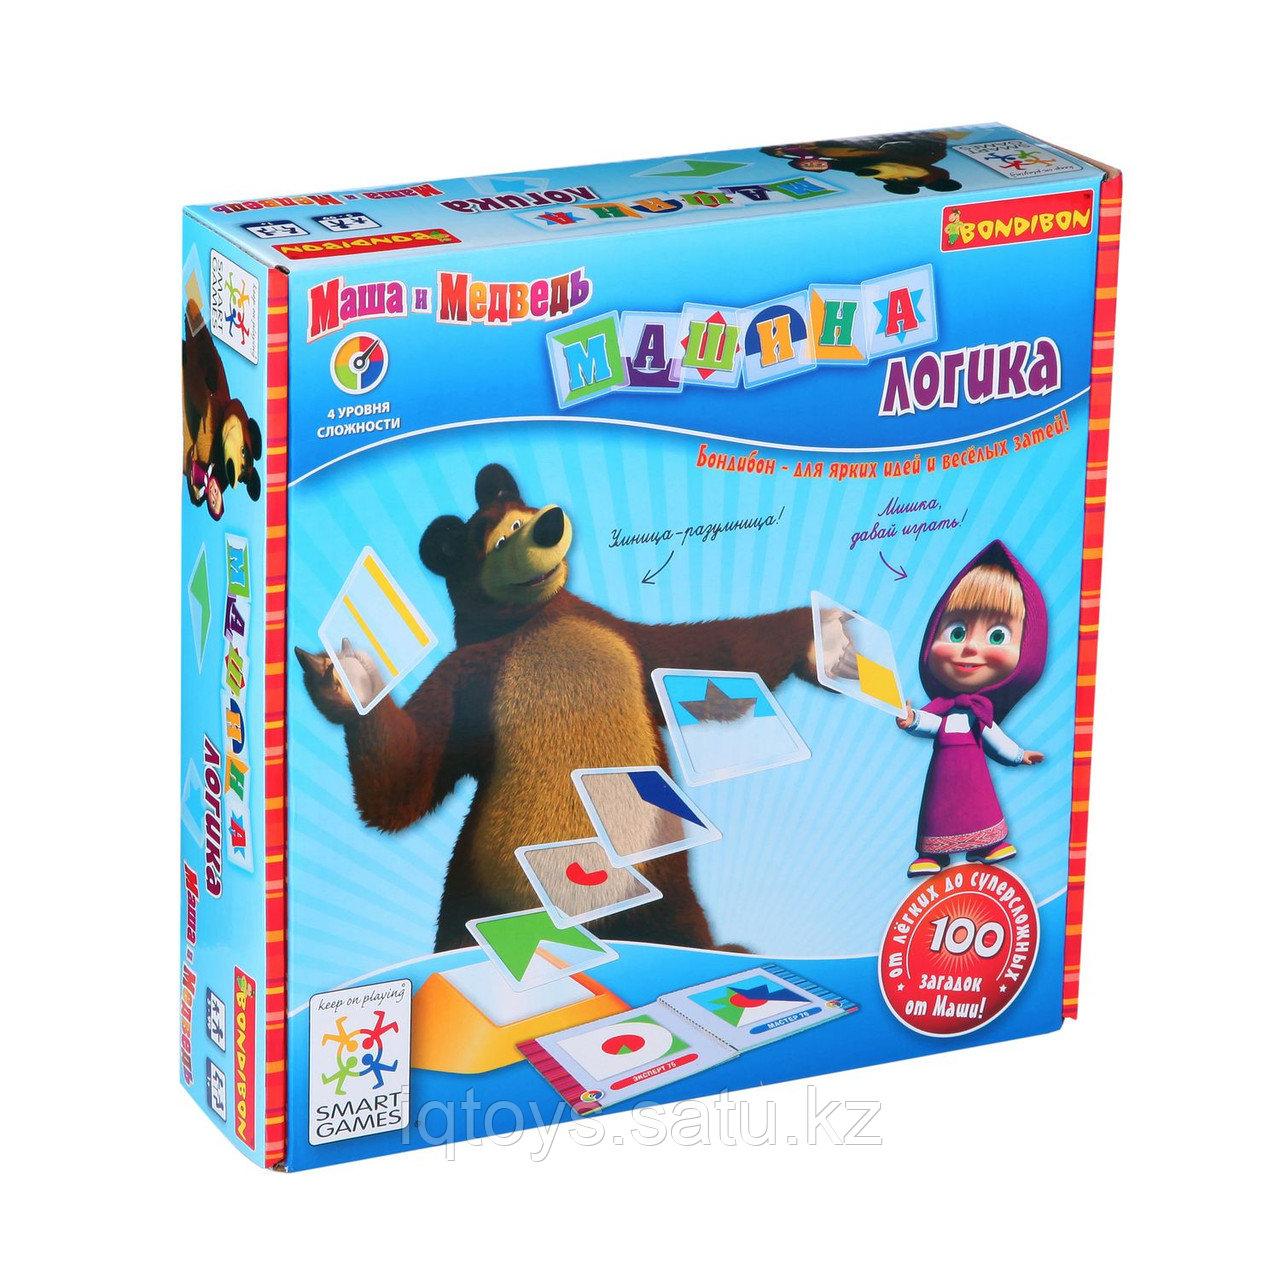 Настольная игра Машина логика Бондибон (Bondibon)